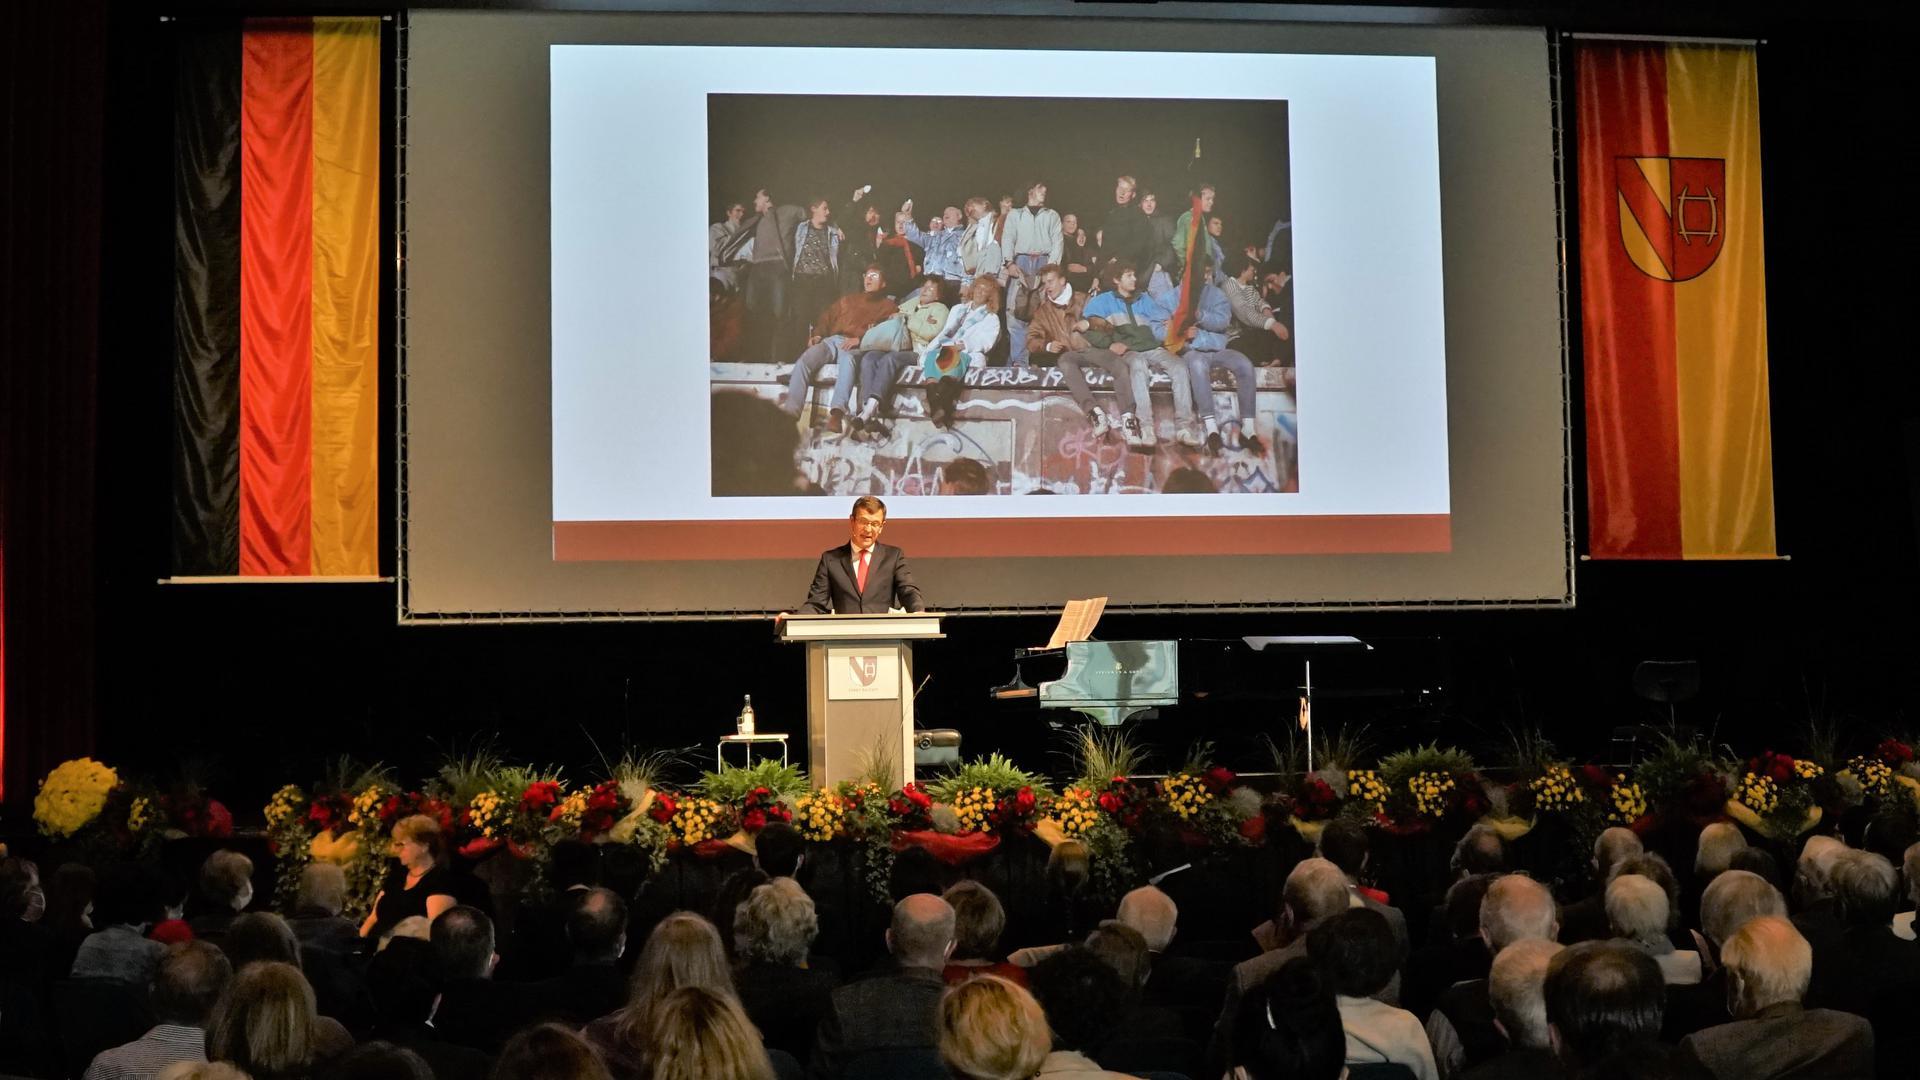 Blick zurück: Bei der Matinee in der Badner Halle richtete Festredner Christoph von Marschall seinen Blick auf die zahlreichen Herausforderungen, die sich durch rasante Veränderungen ergeben.